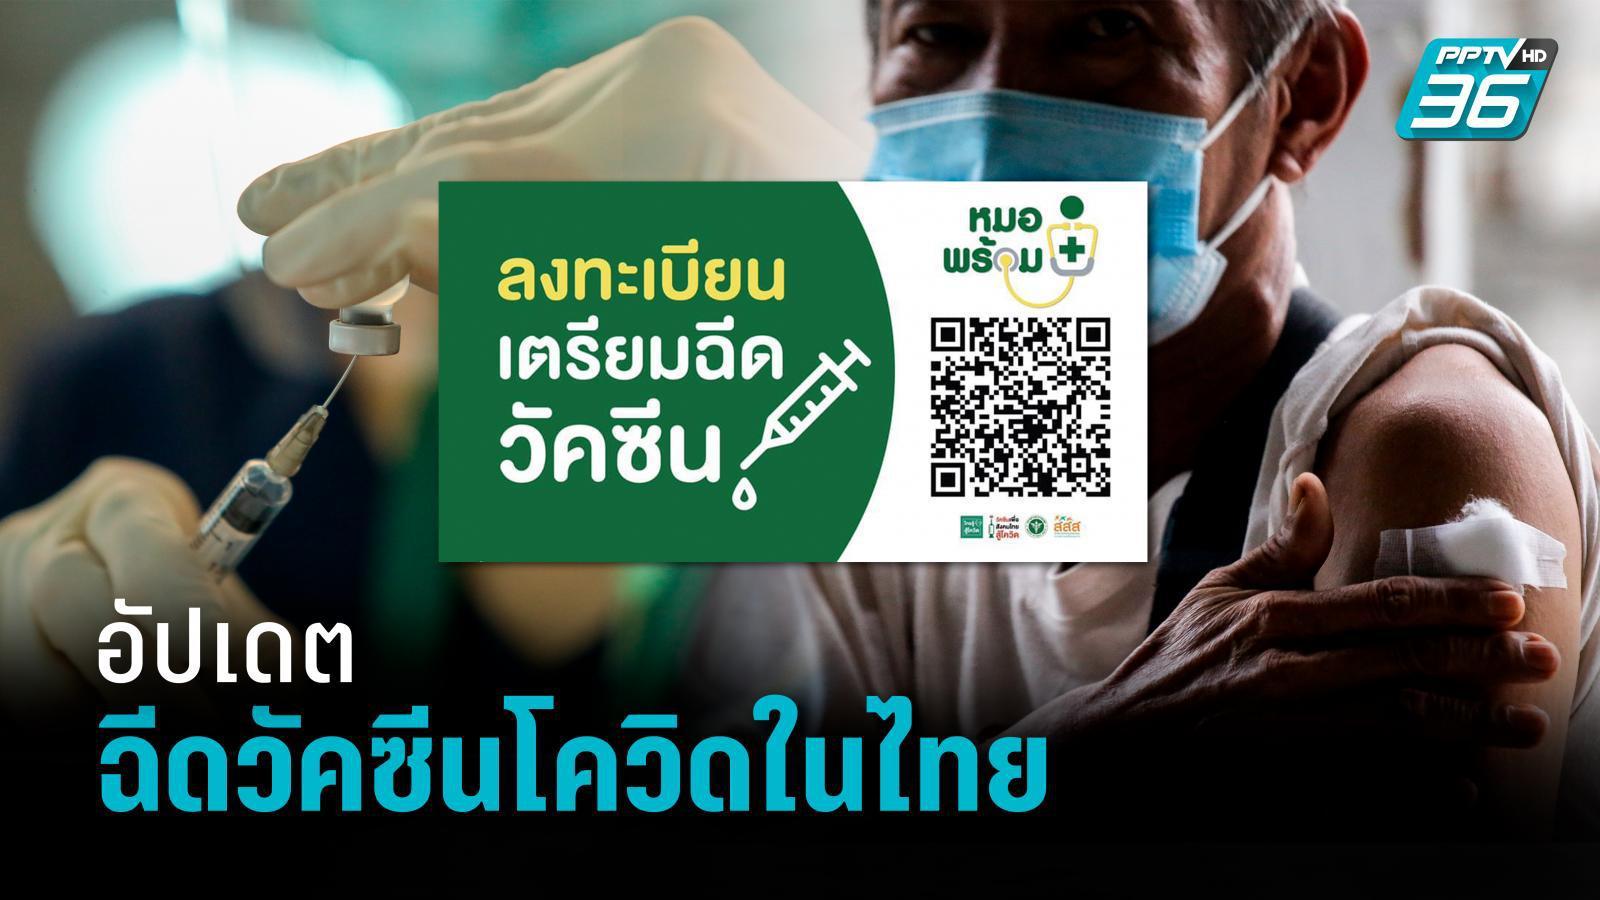 """คนจองวัคซีน """"หมอพร้อม"""" ทะลุล้านกับความคืบหน้าฉีดวัคซีนโควิดในไทย"""